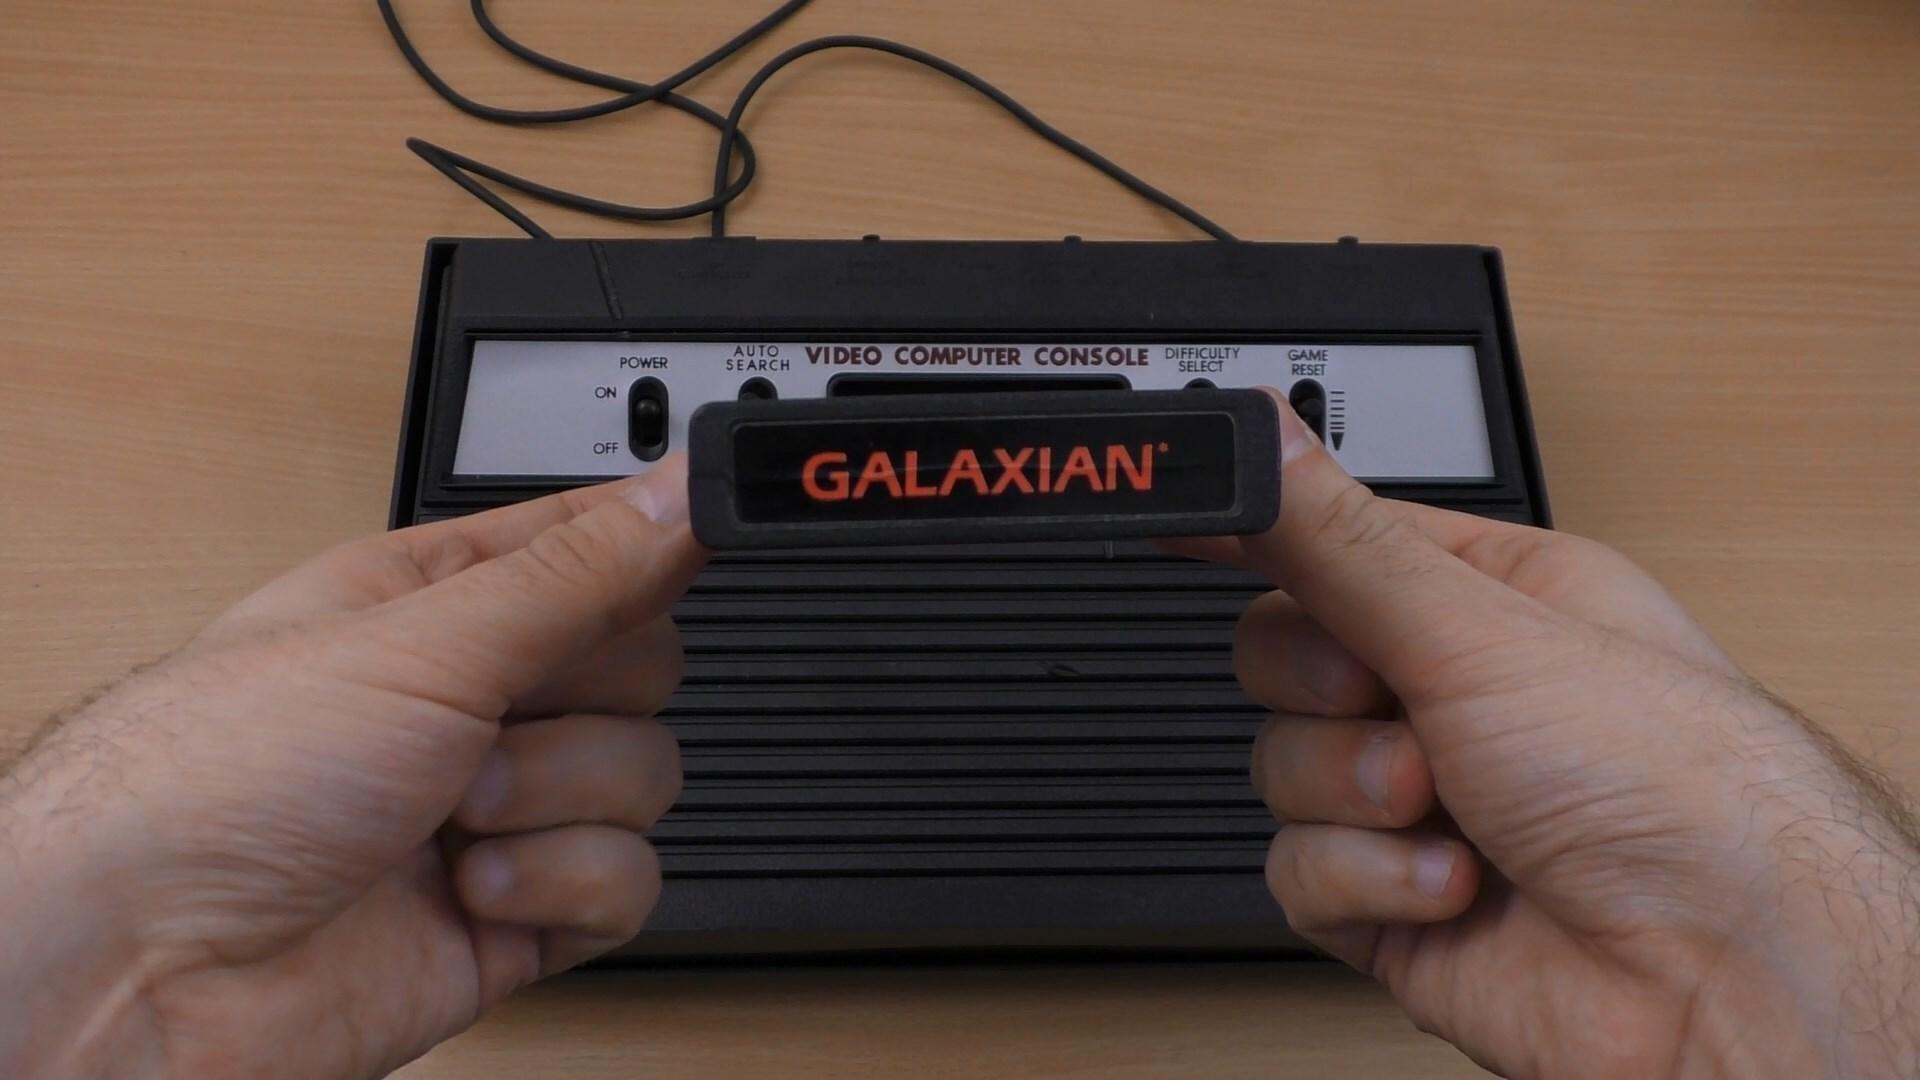 Rambo TV Games (Atari 2600) [статья с кучей фото и капелькой видео] - 22